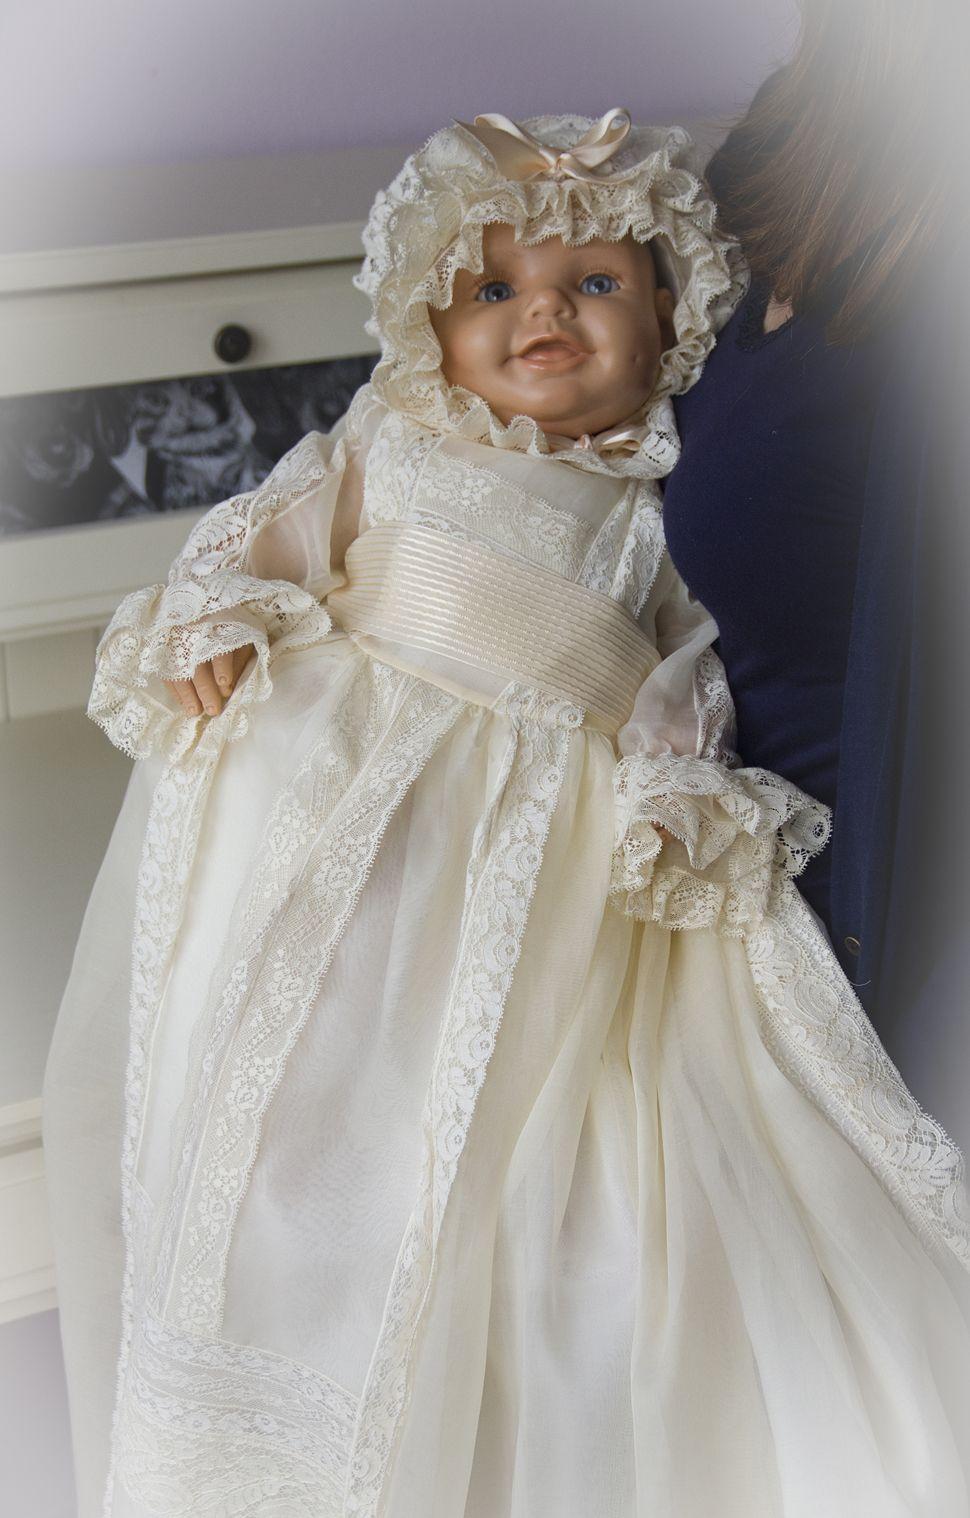 Faldón de cristianar en organdí suízo, con encajes de alençony valencien, http://lacomodadepilar.blogspot.com.es/